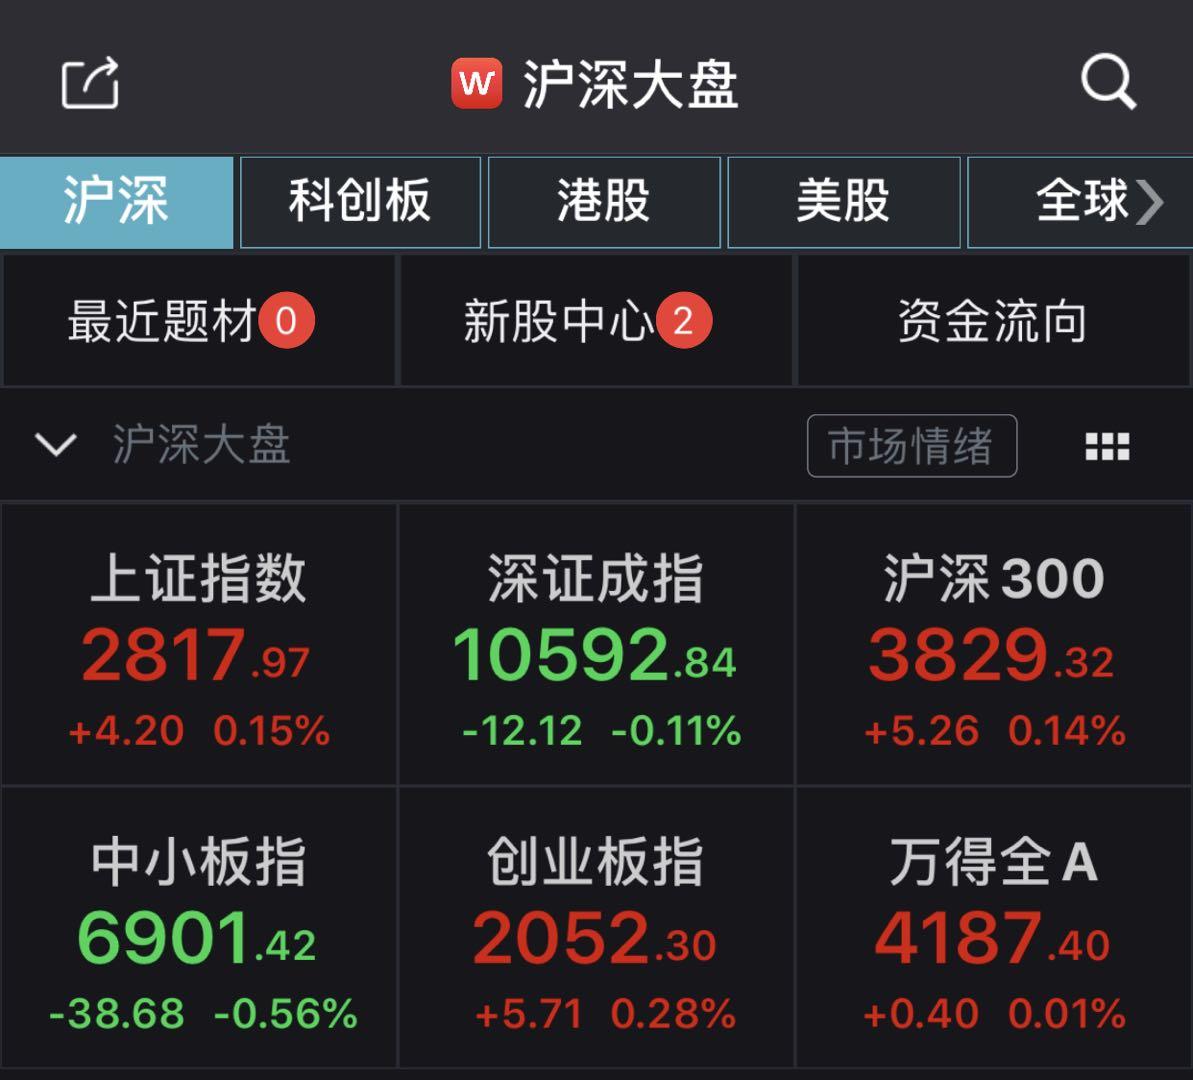 沪指震荡翻红涨0.15%,食品饮料板块掀涨停潮